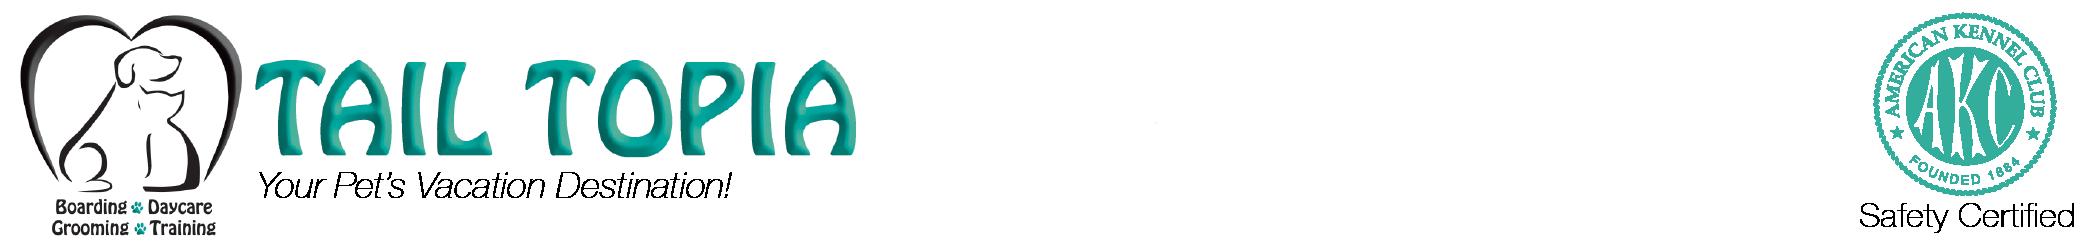 Tail Topia Petcare